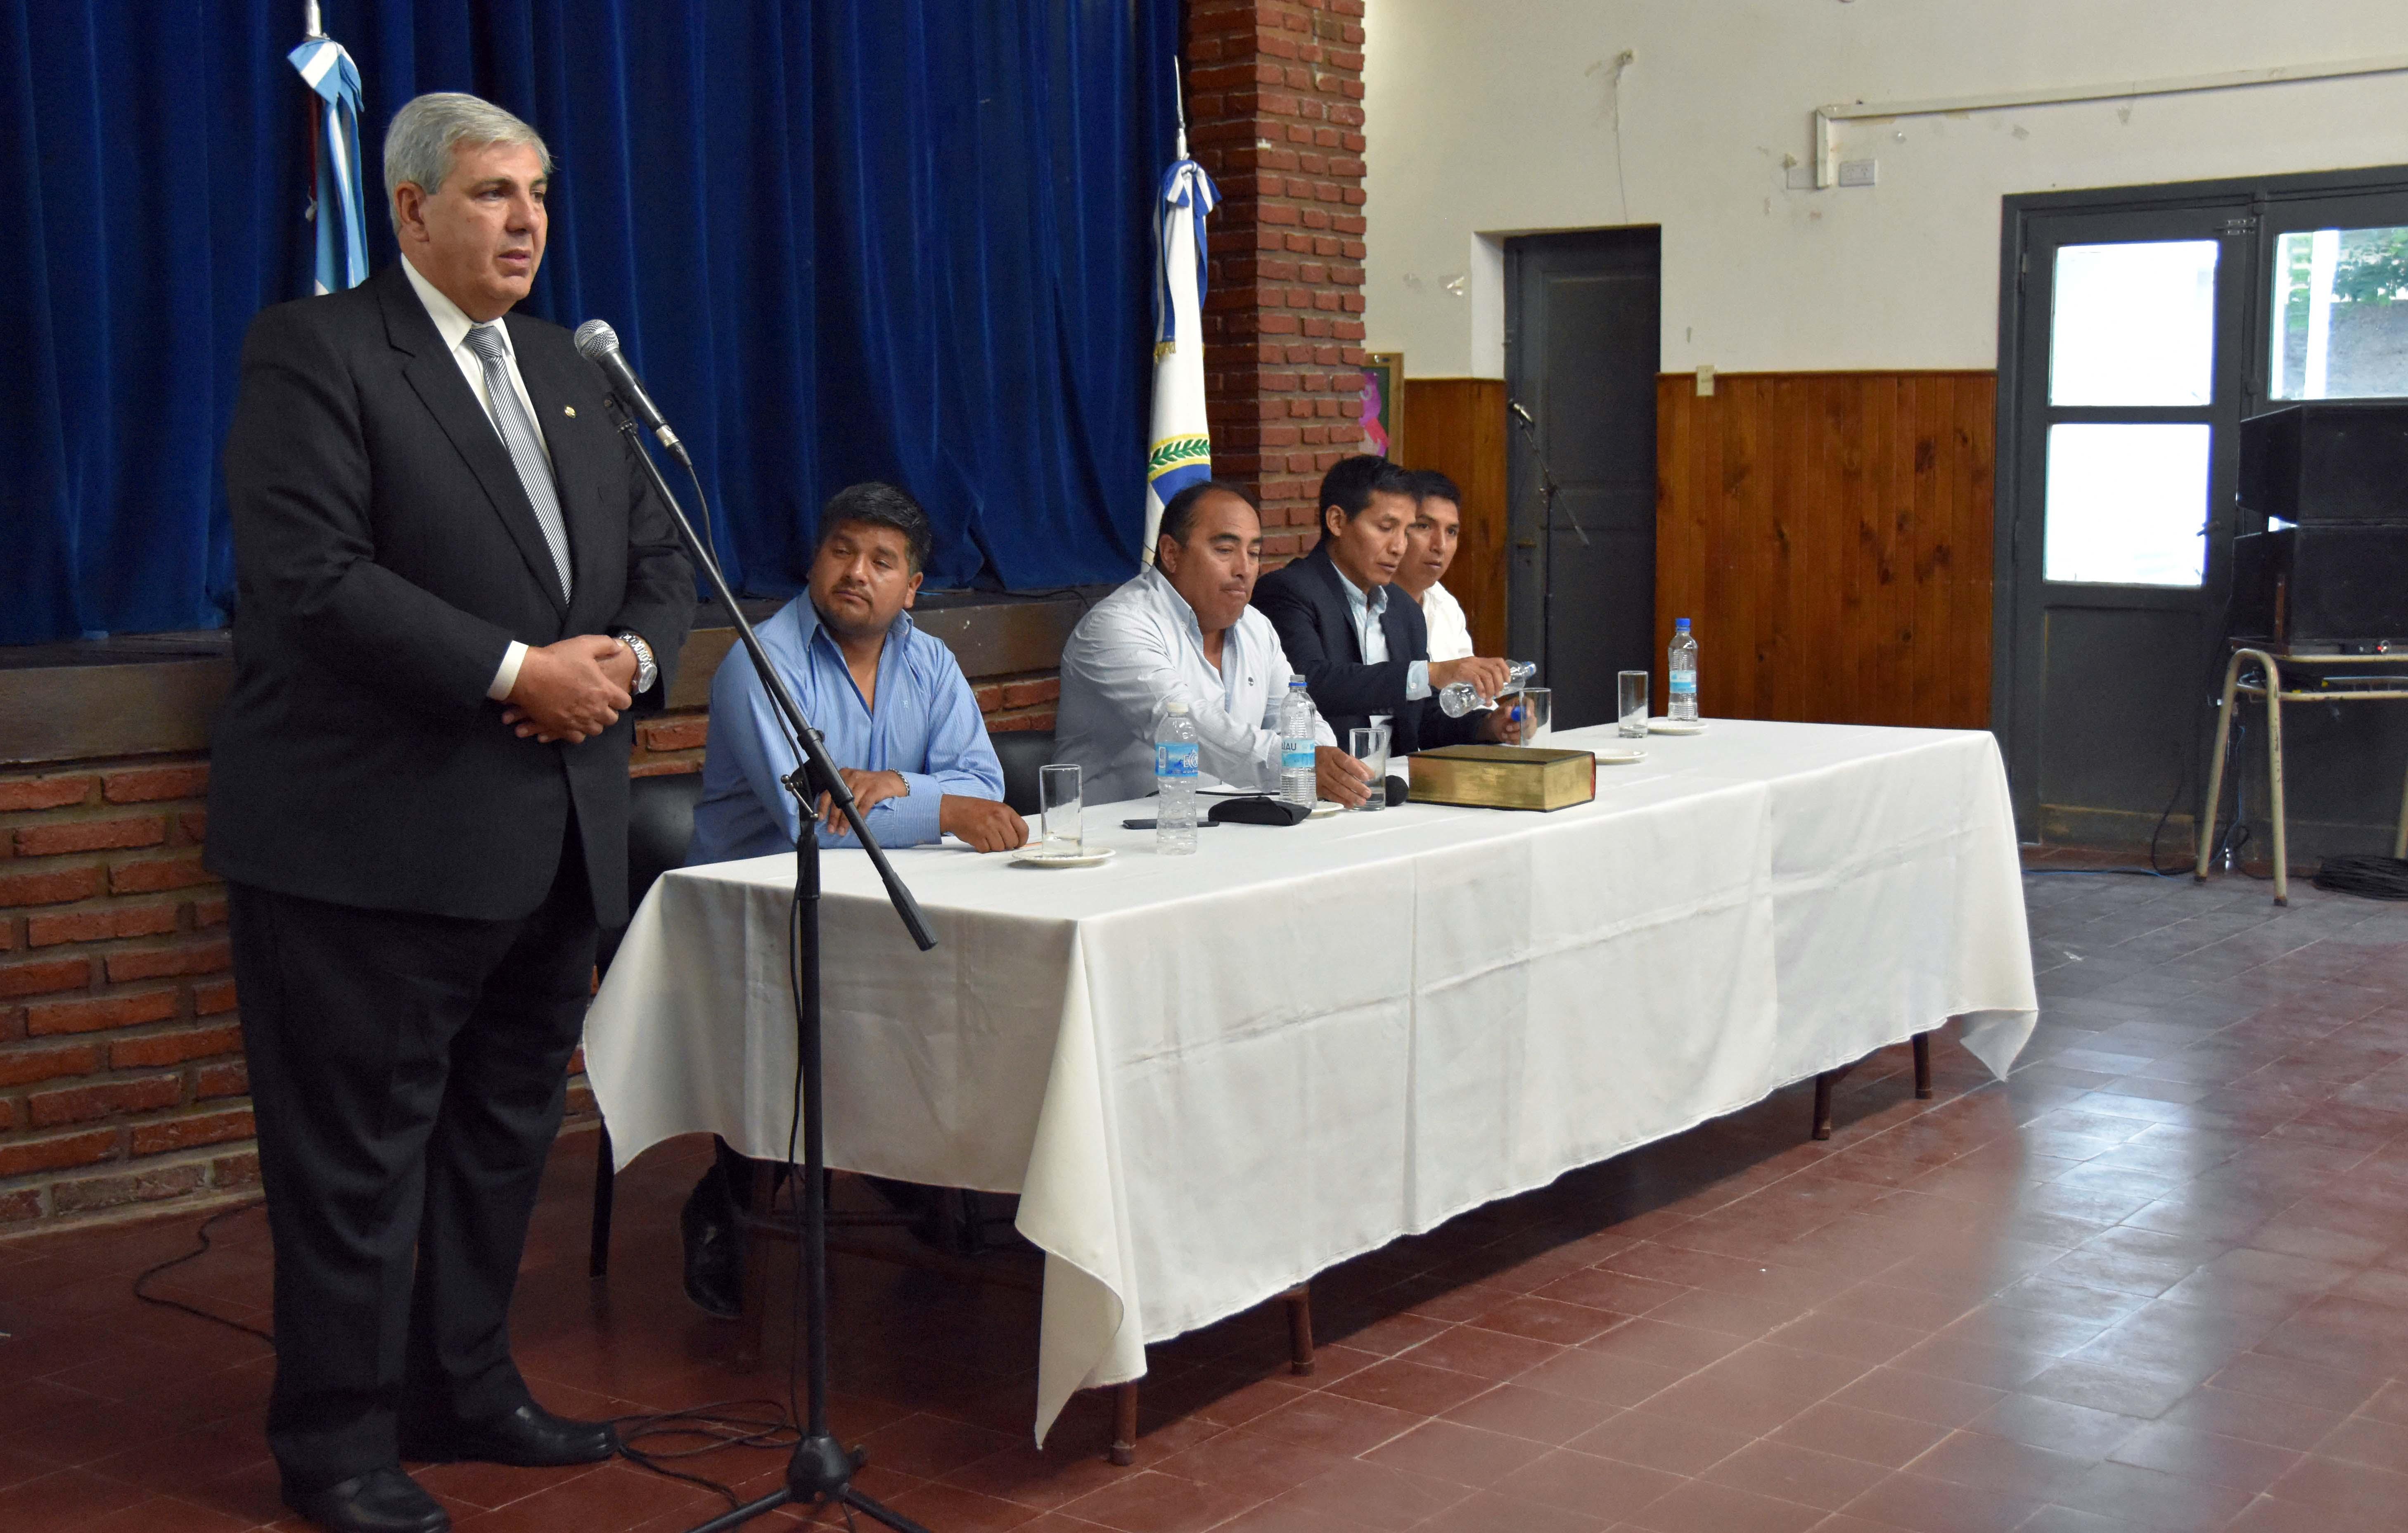 Rubén Gonzalez juró como Pte. de Comisión Municipal